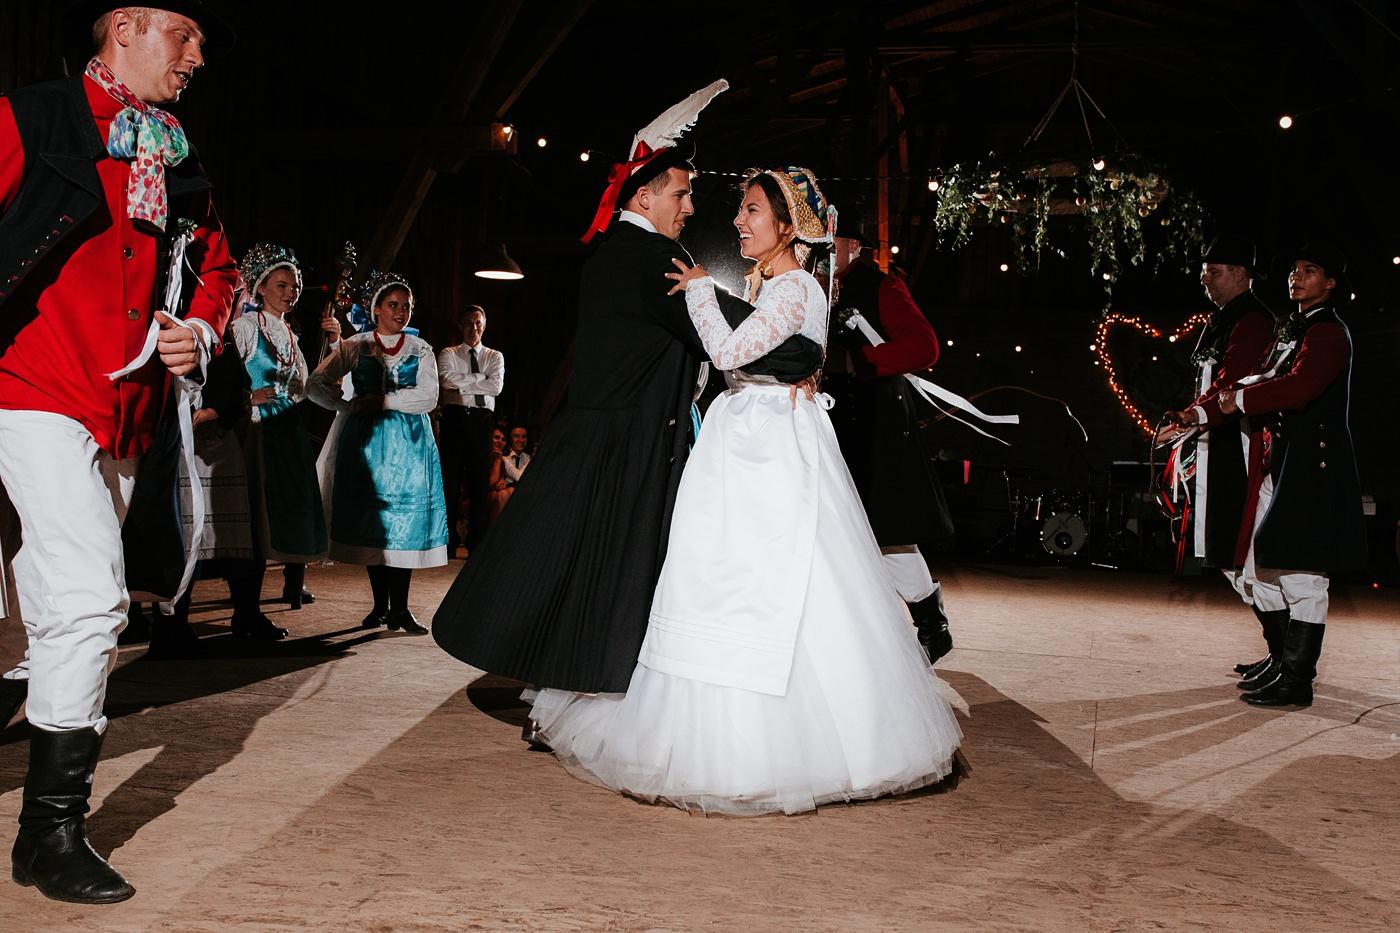 Dominika & Aleksander - Rustykalne wesele w stodole - Baborówko 141